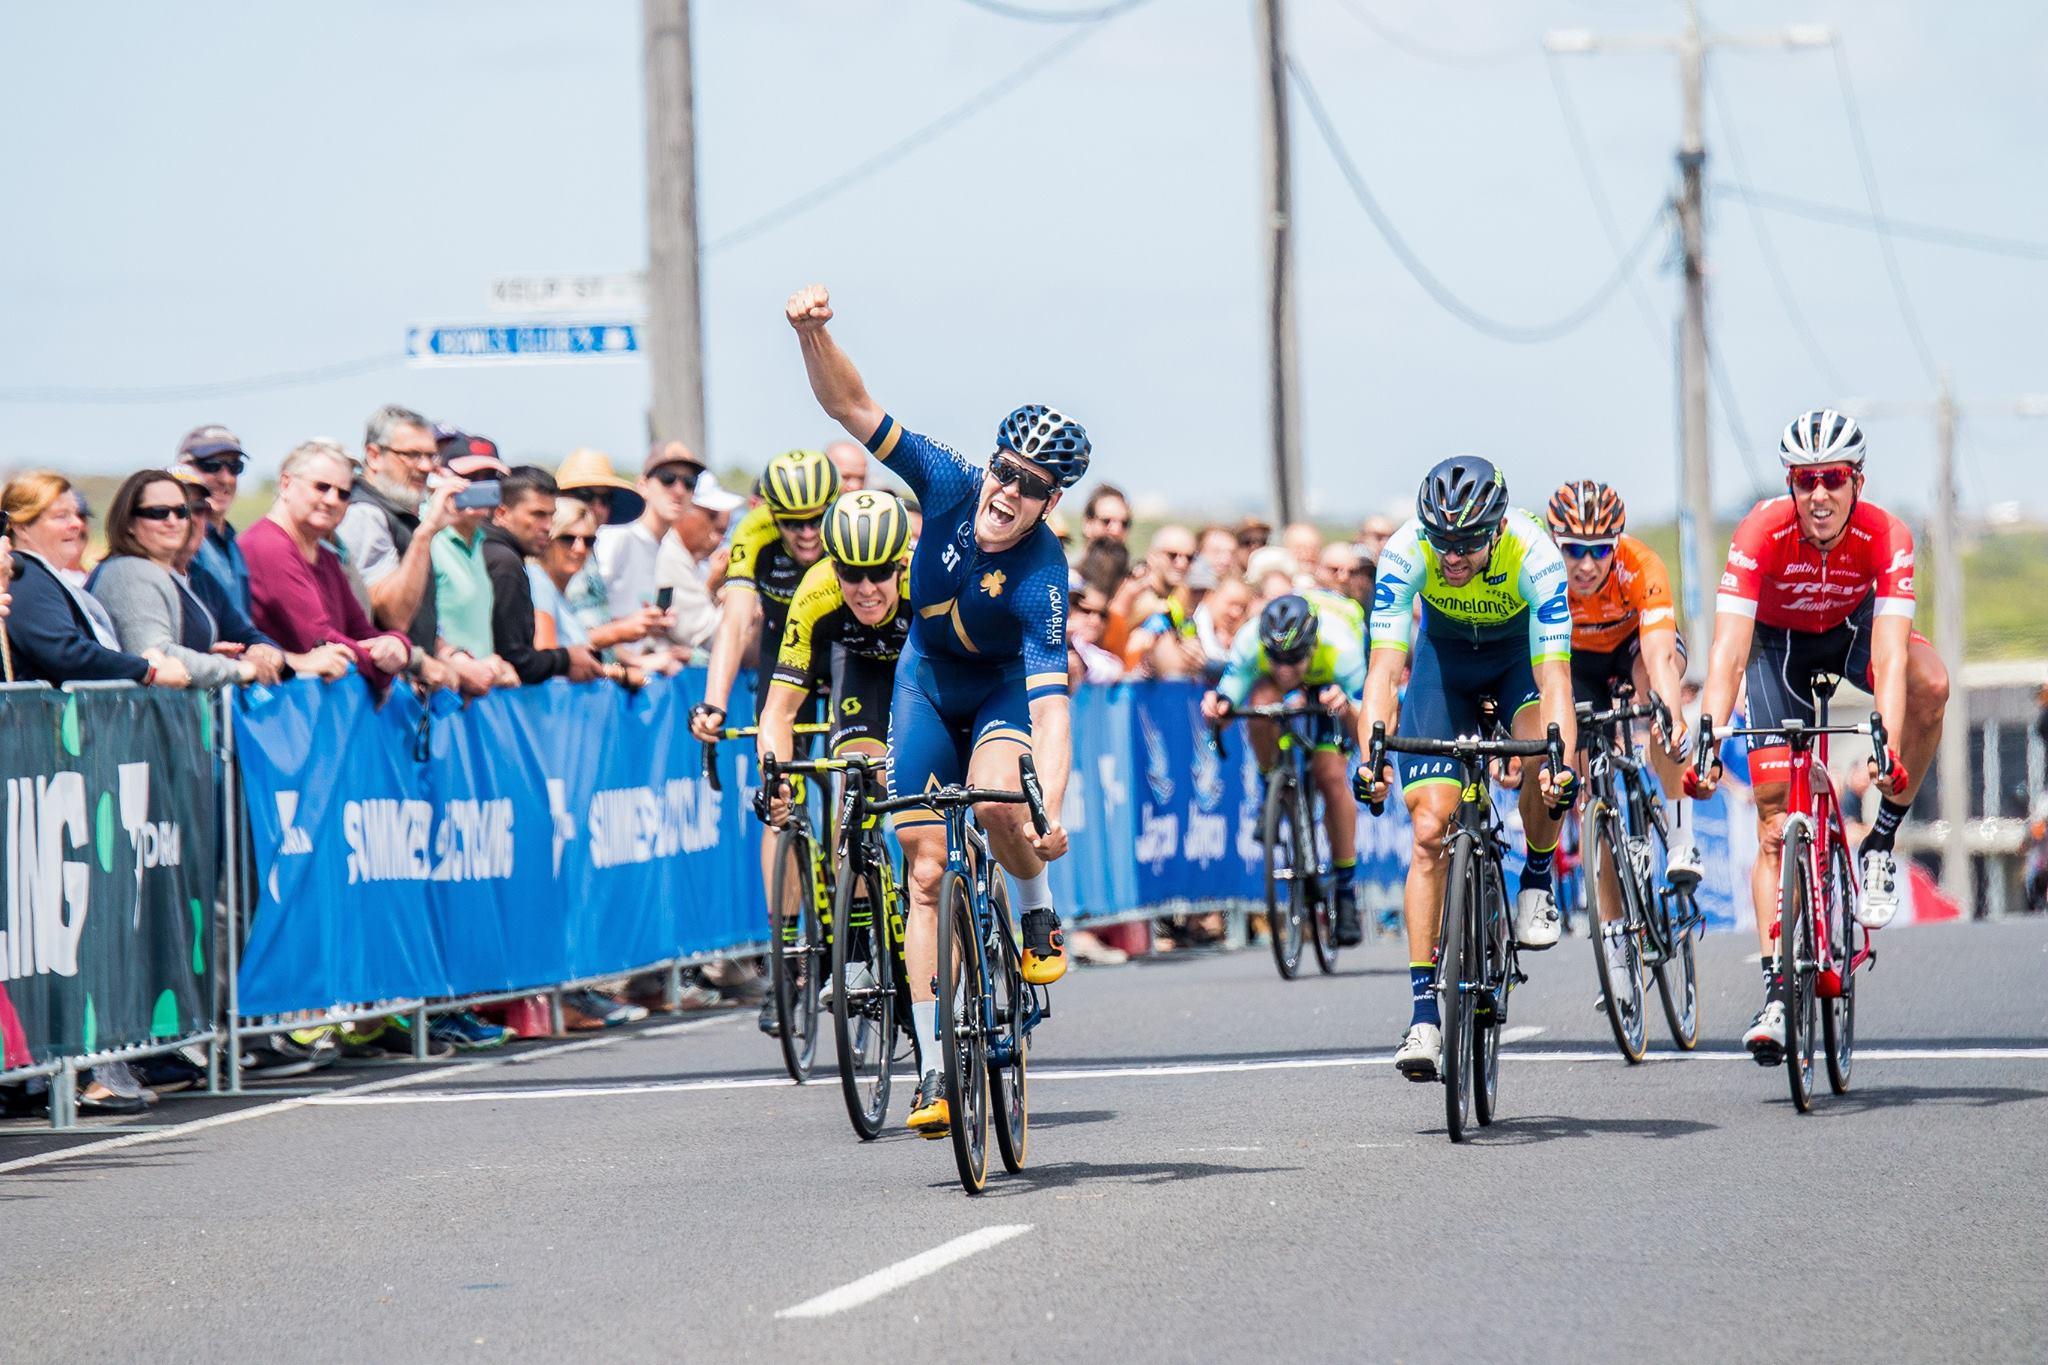 Лассе Норман Хансен выиграл первый этап велогонки Herald Sun Tour